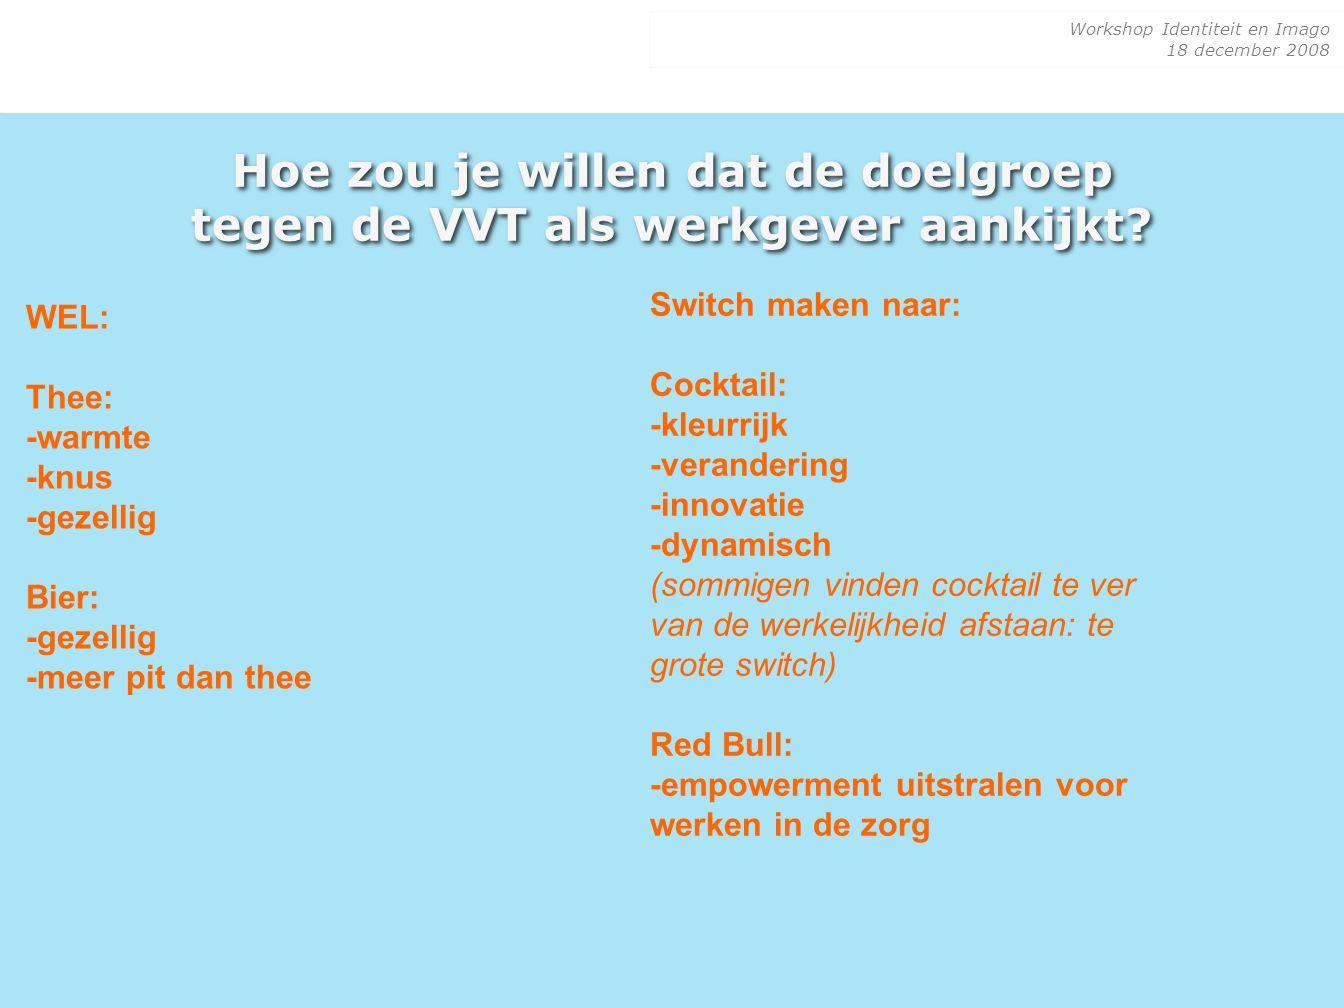 Workshop Identiteit en Imago 18 december 2008 Hoe zou je willen dat de doelgroep tegen de VVT als werkgever aankijkt? WEL: Thee: -warmte -knus -gezell